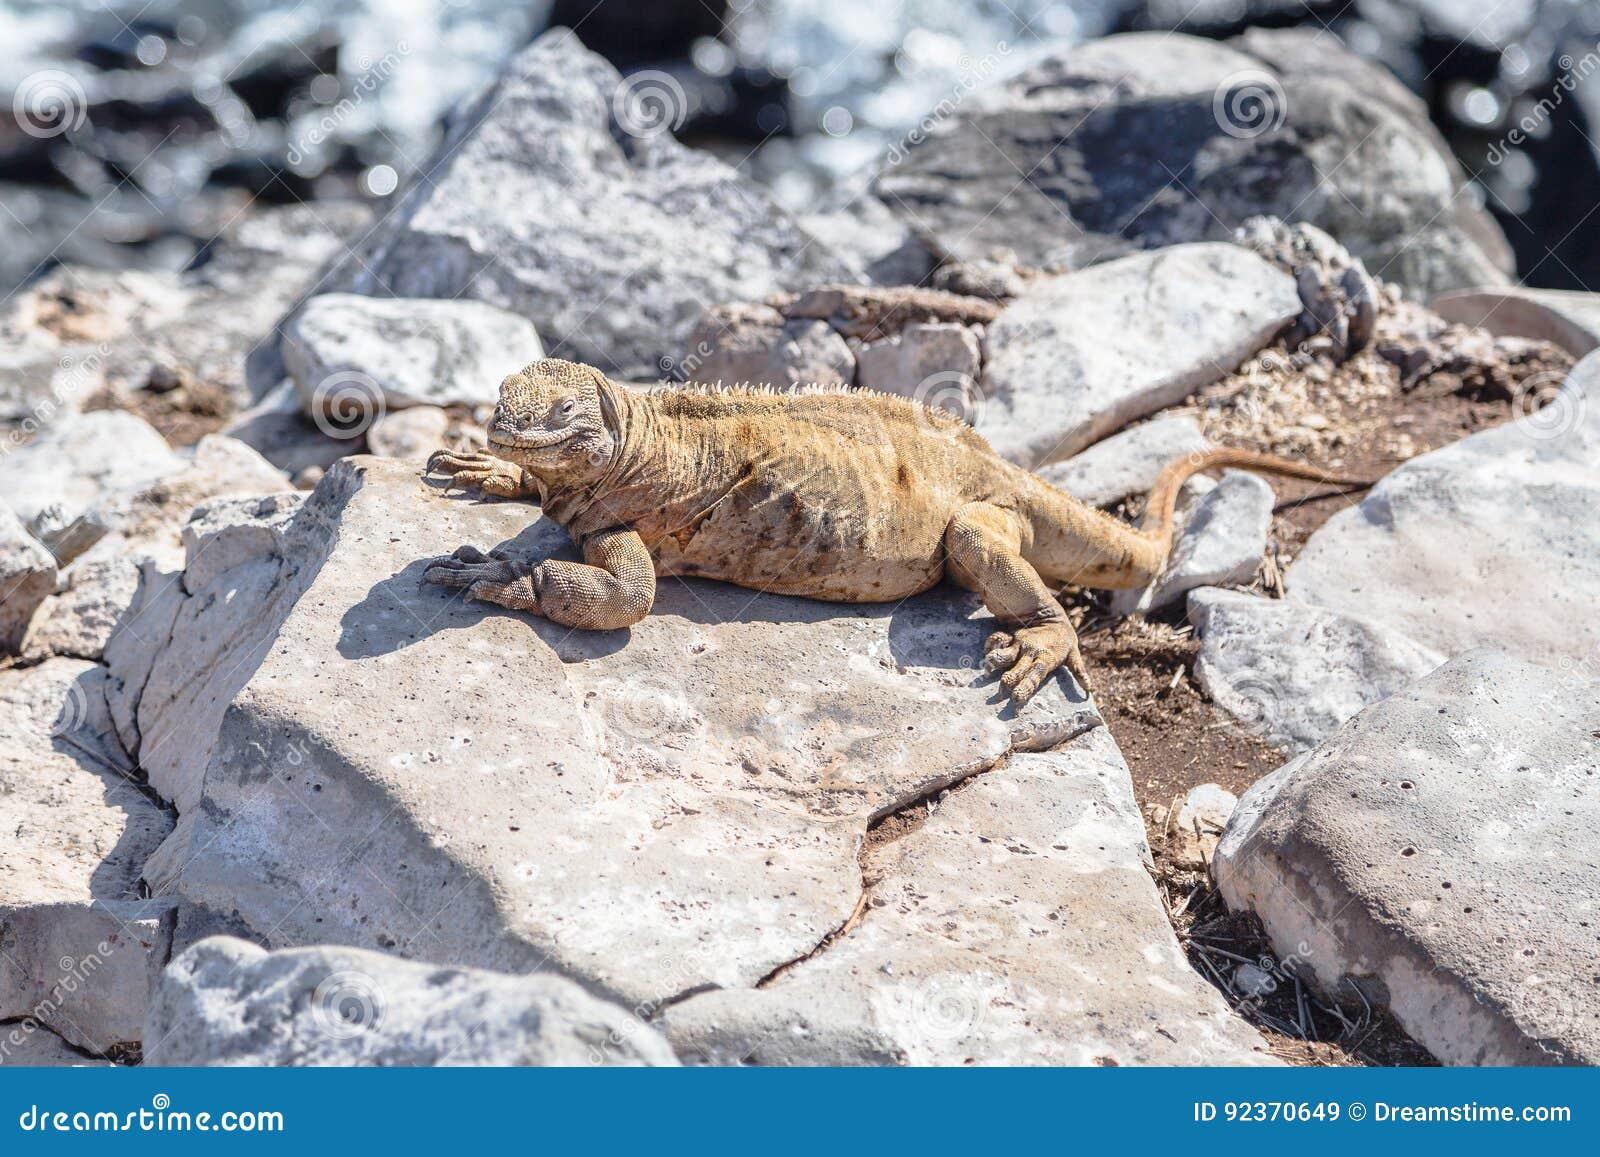 Iguane de Galapagos été perché sur des roches